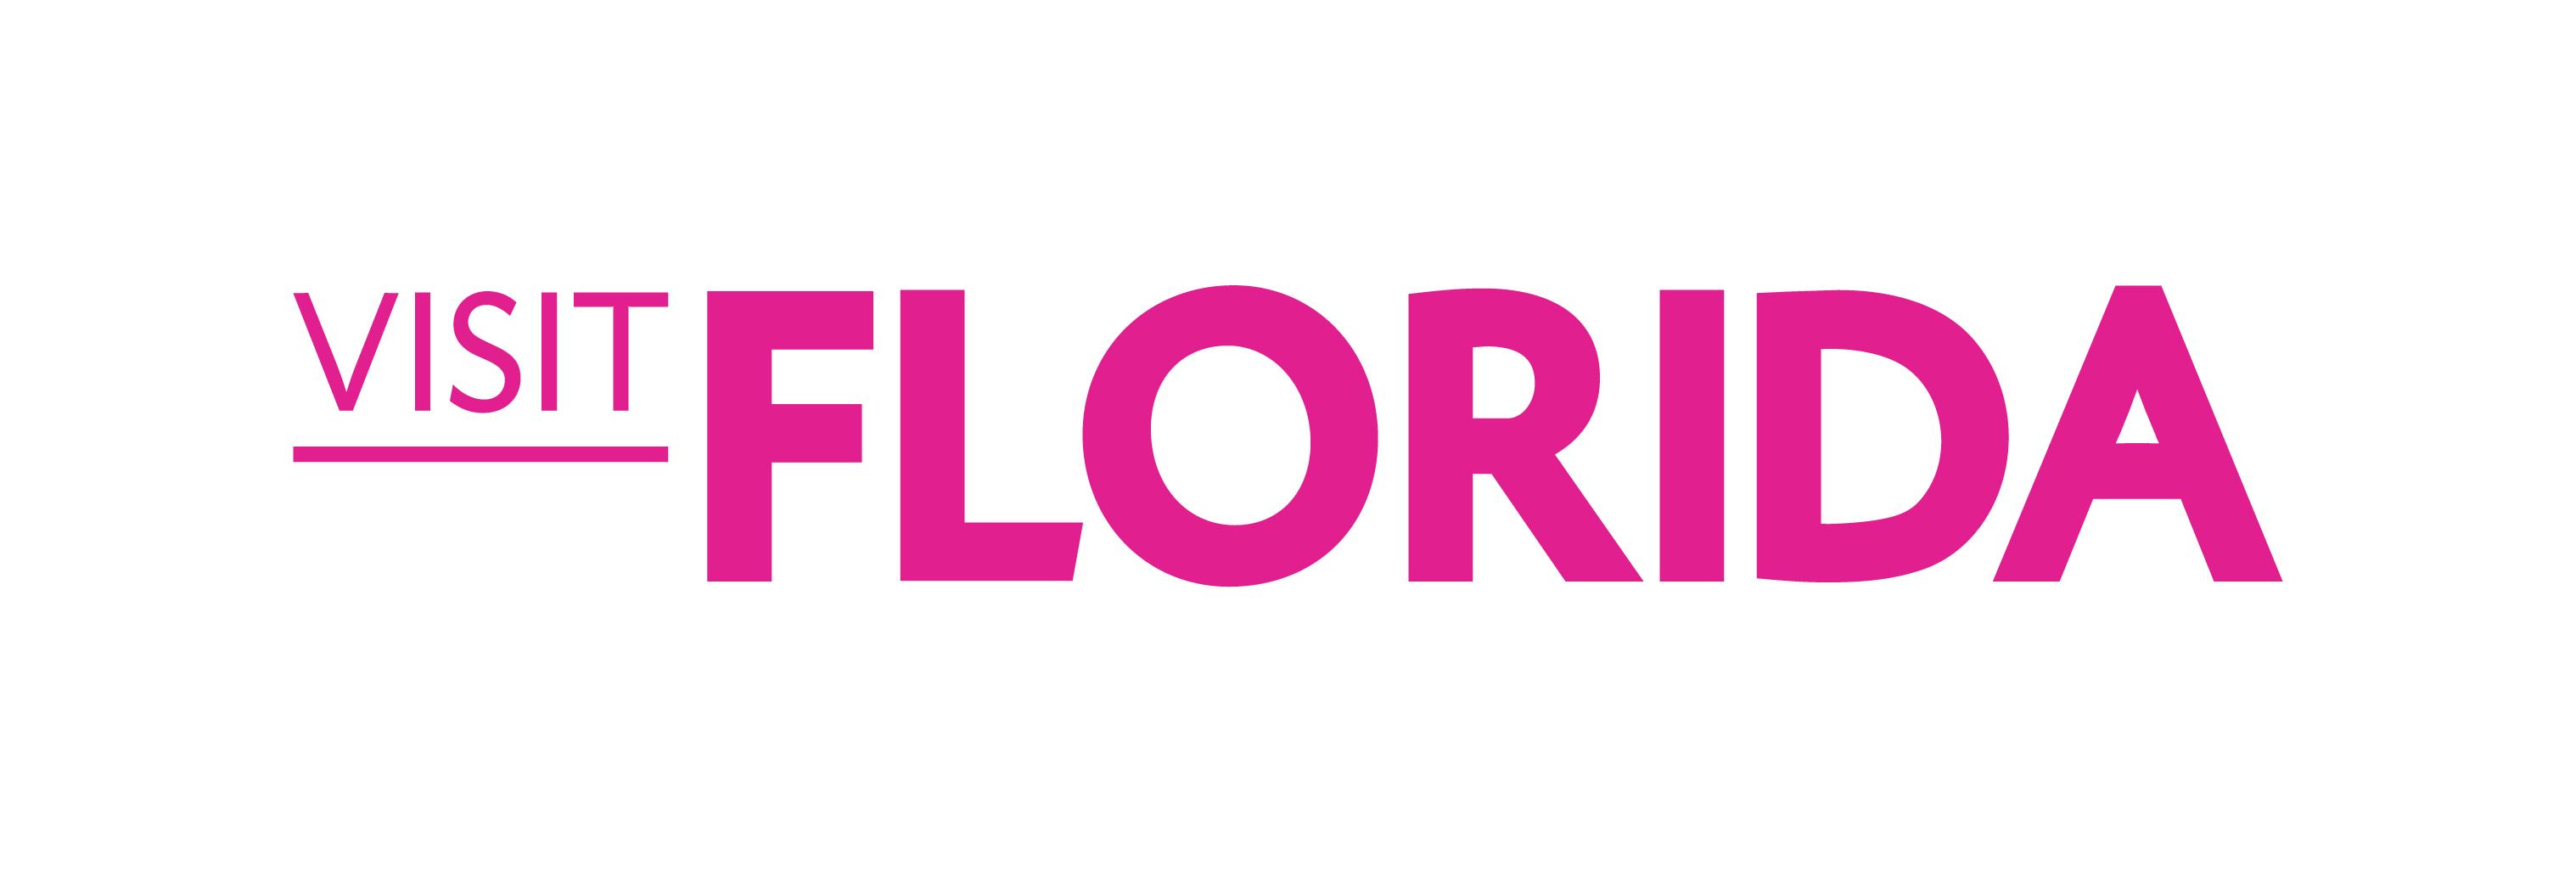 Visit Florida_Logo.JPG